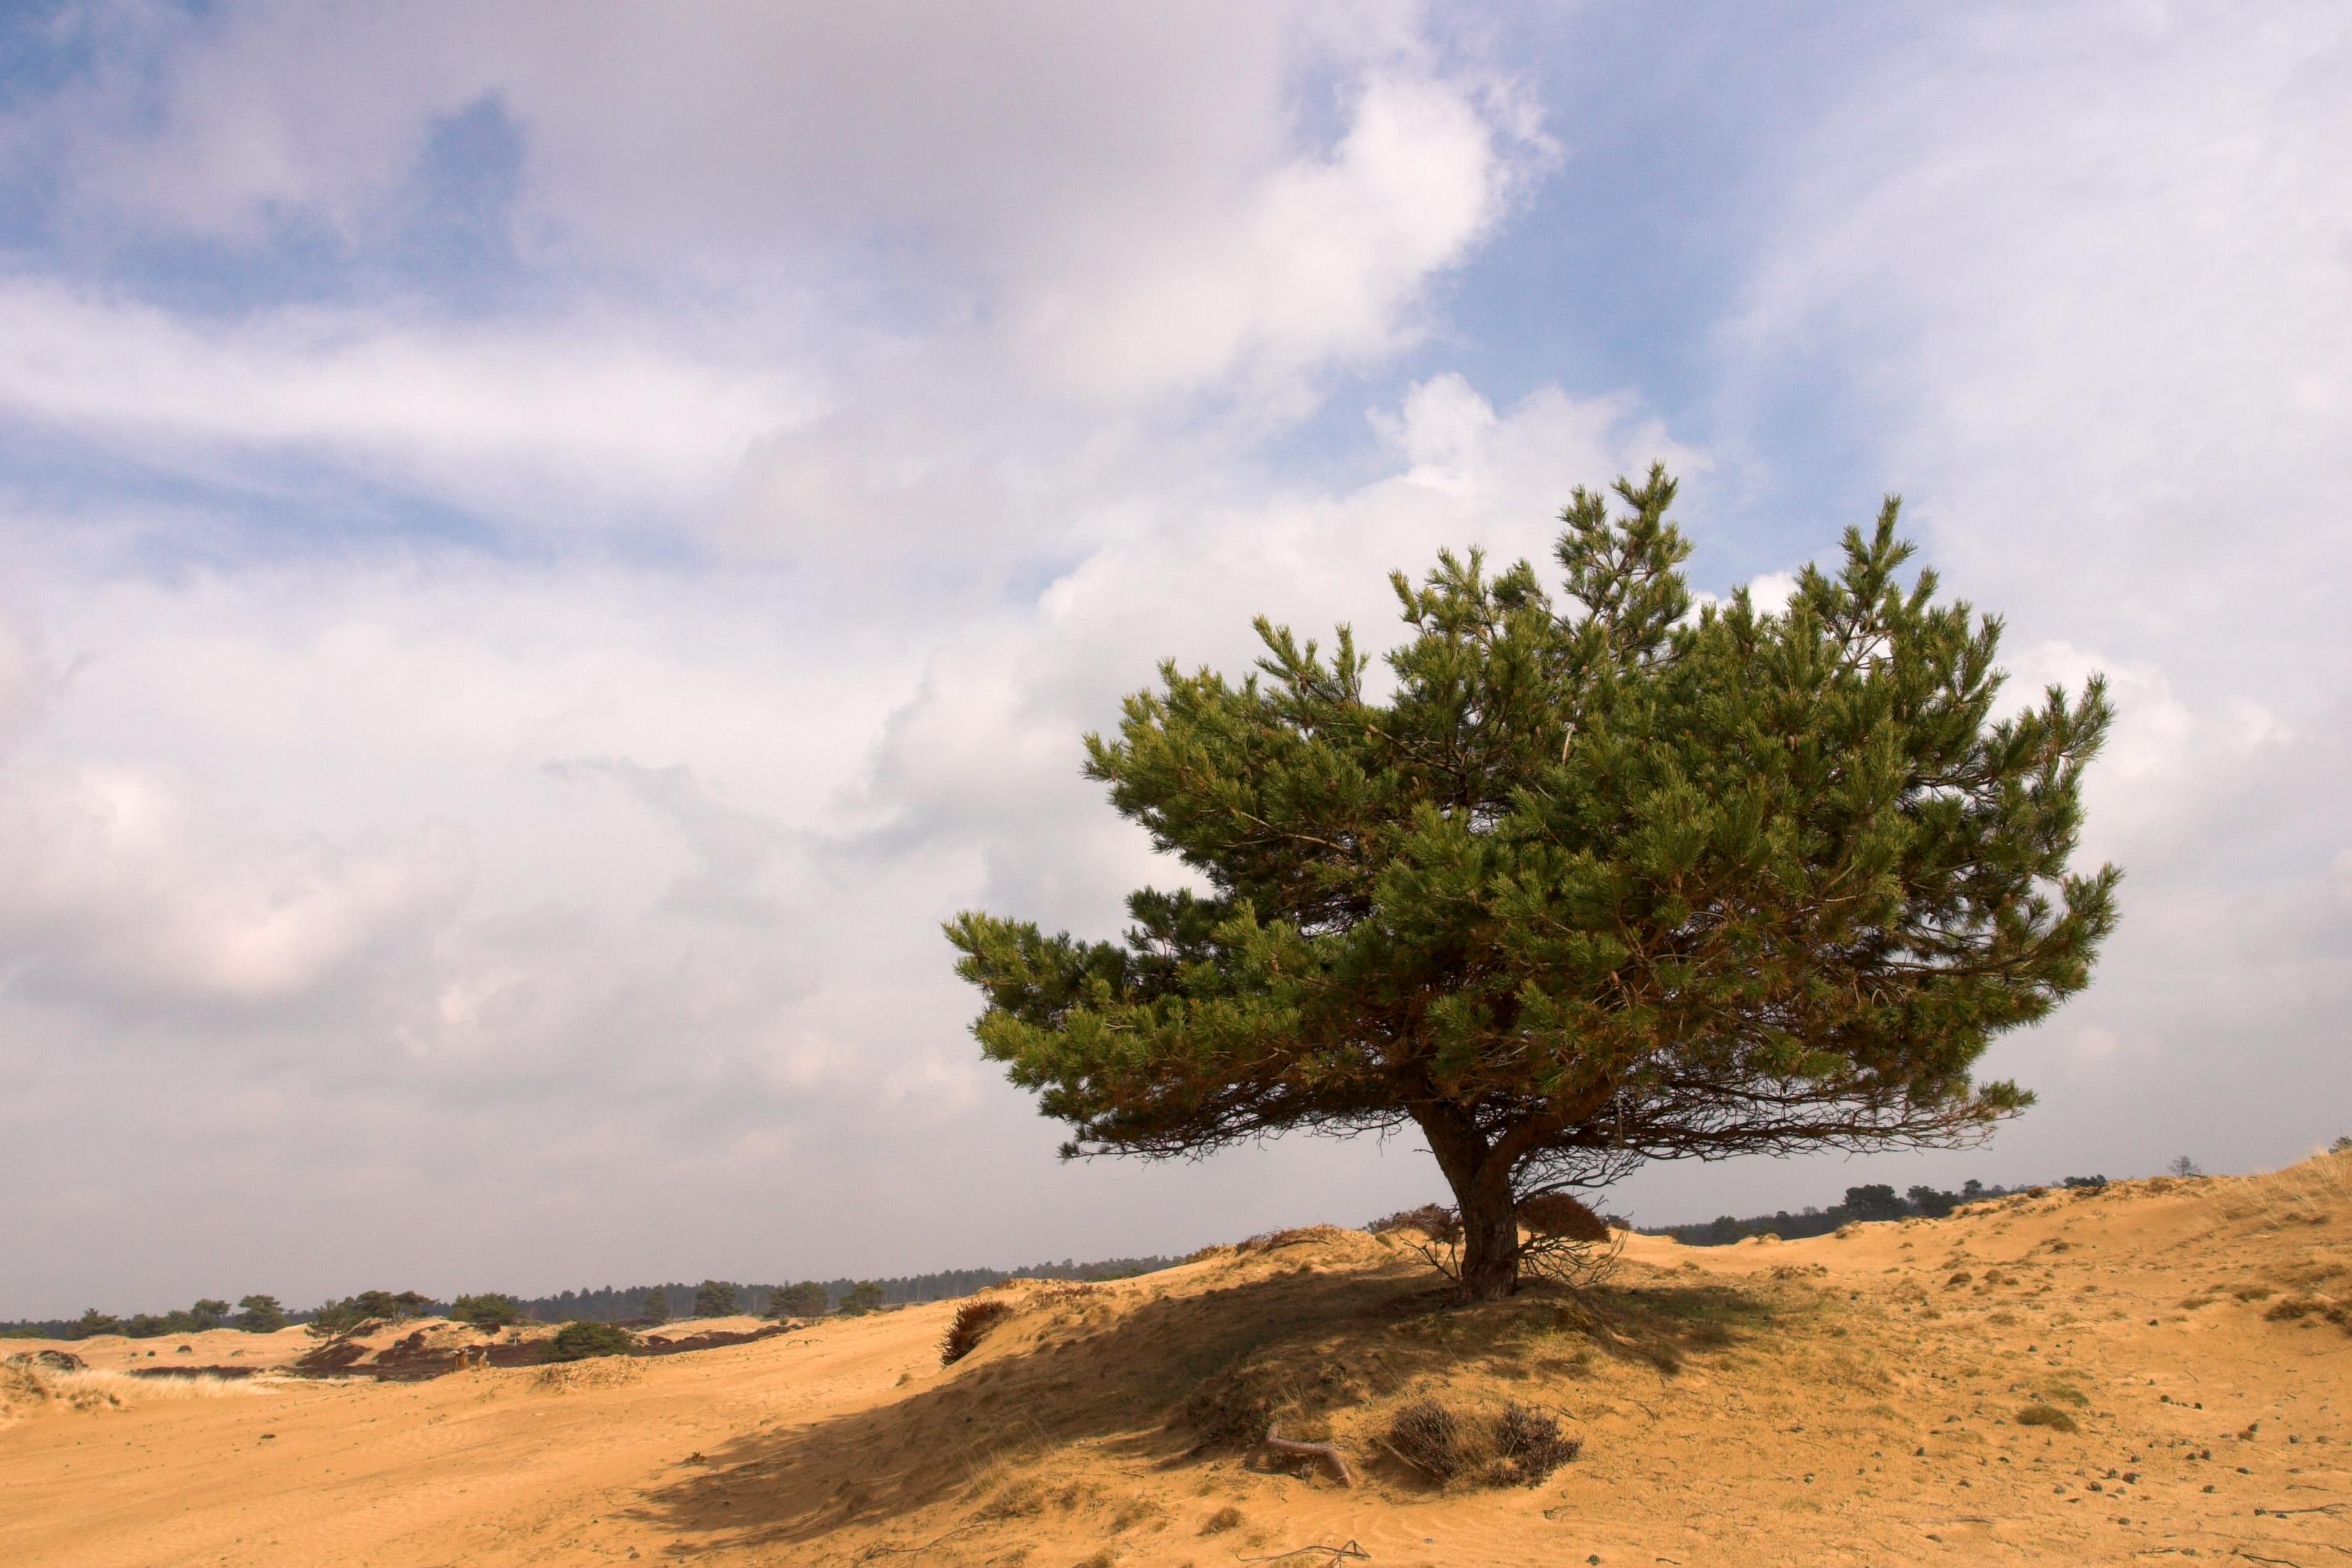 foto van een boom op een zanderige grond in duinachtig gebied